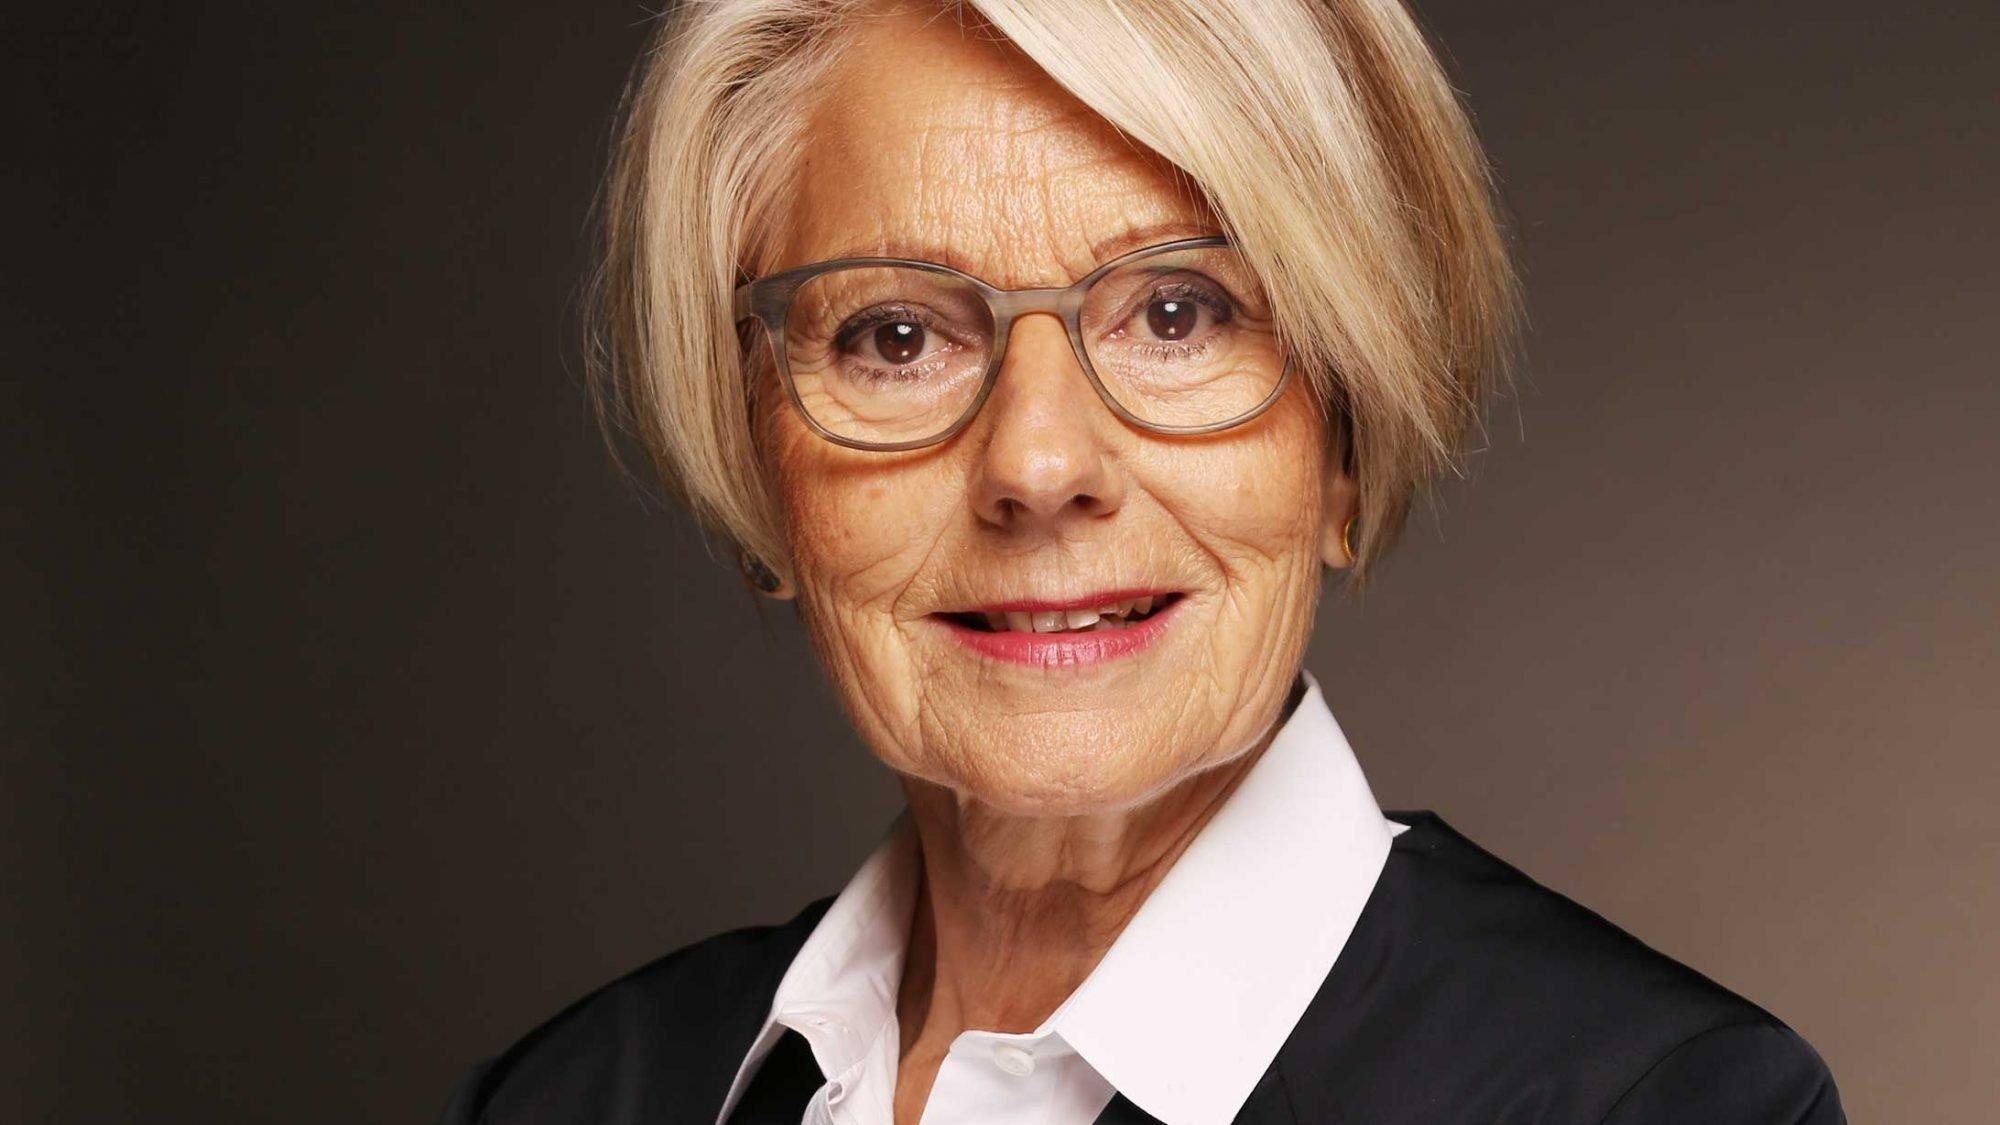 Christine Nickl-Weller, CEO und emeritierte Professorin an der Technischen Universität Berlin.